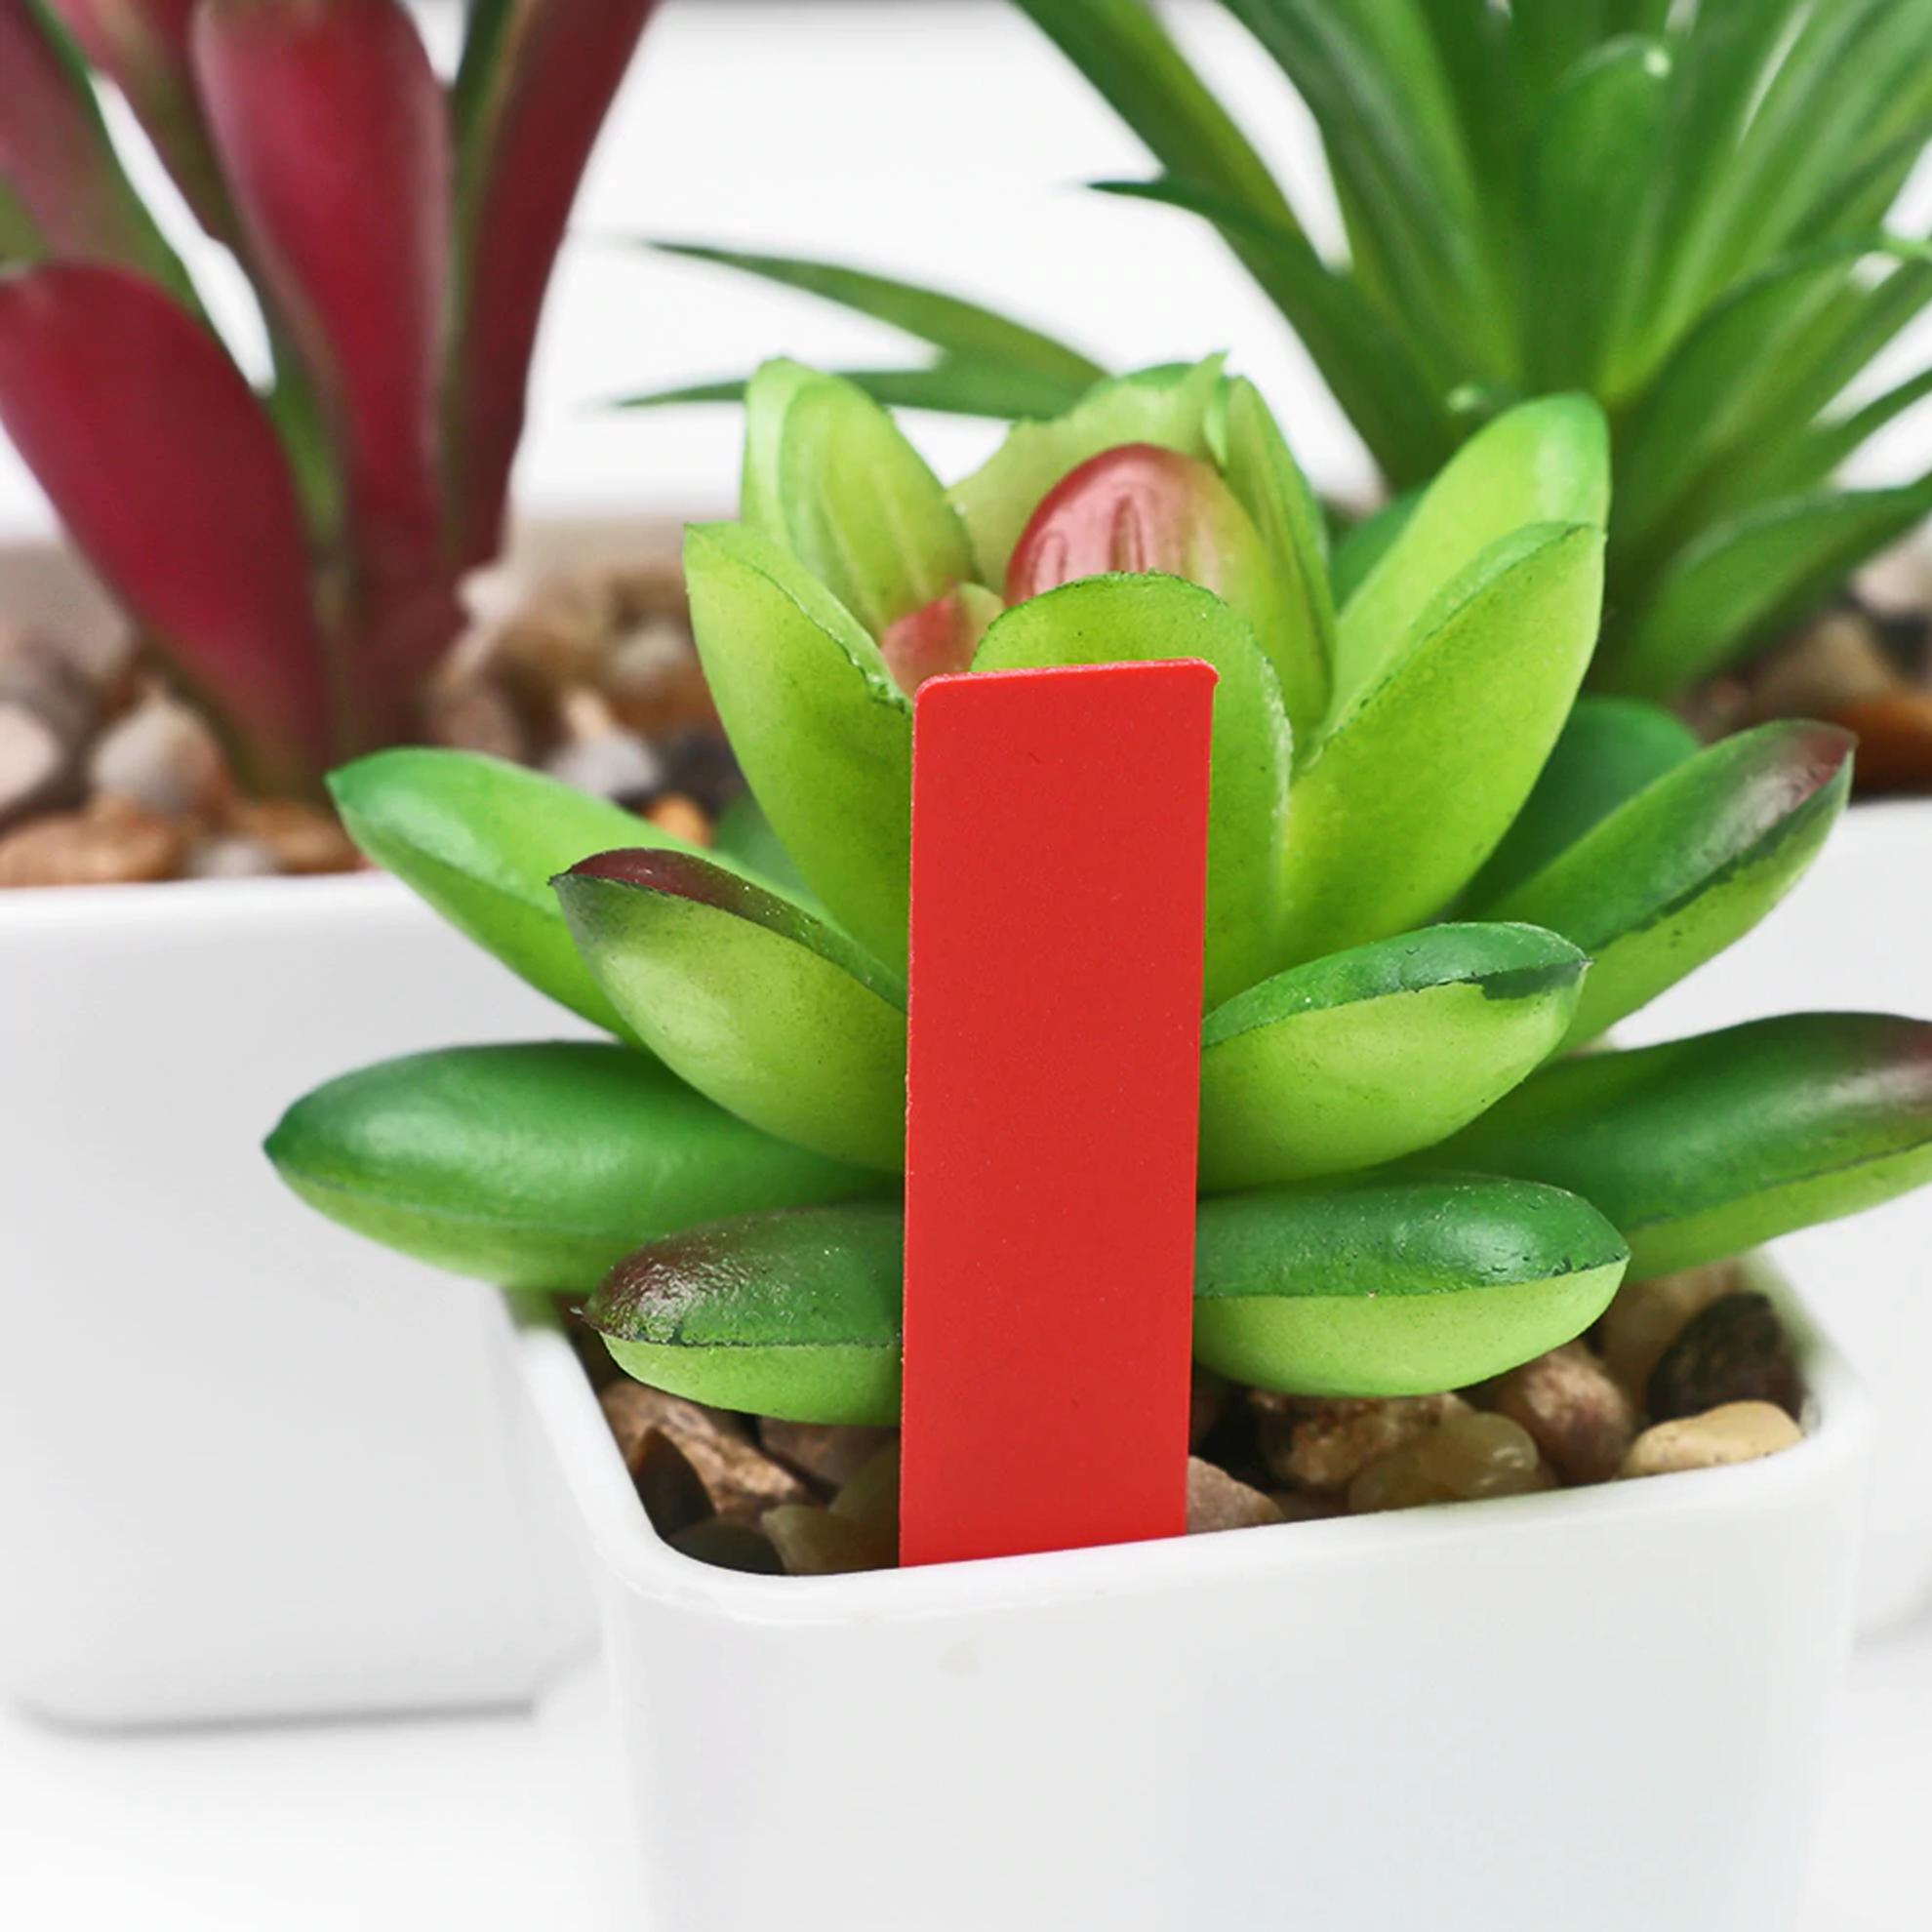 GFT Popisovacie štítky k rastlinám - červená